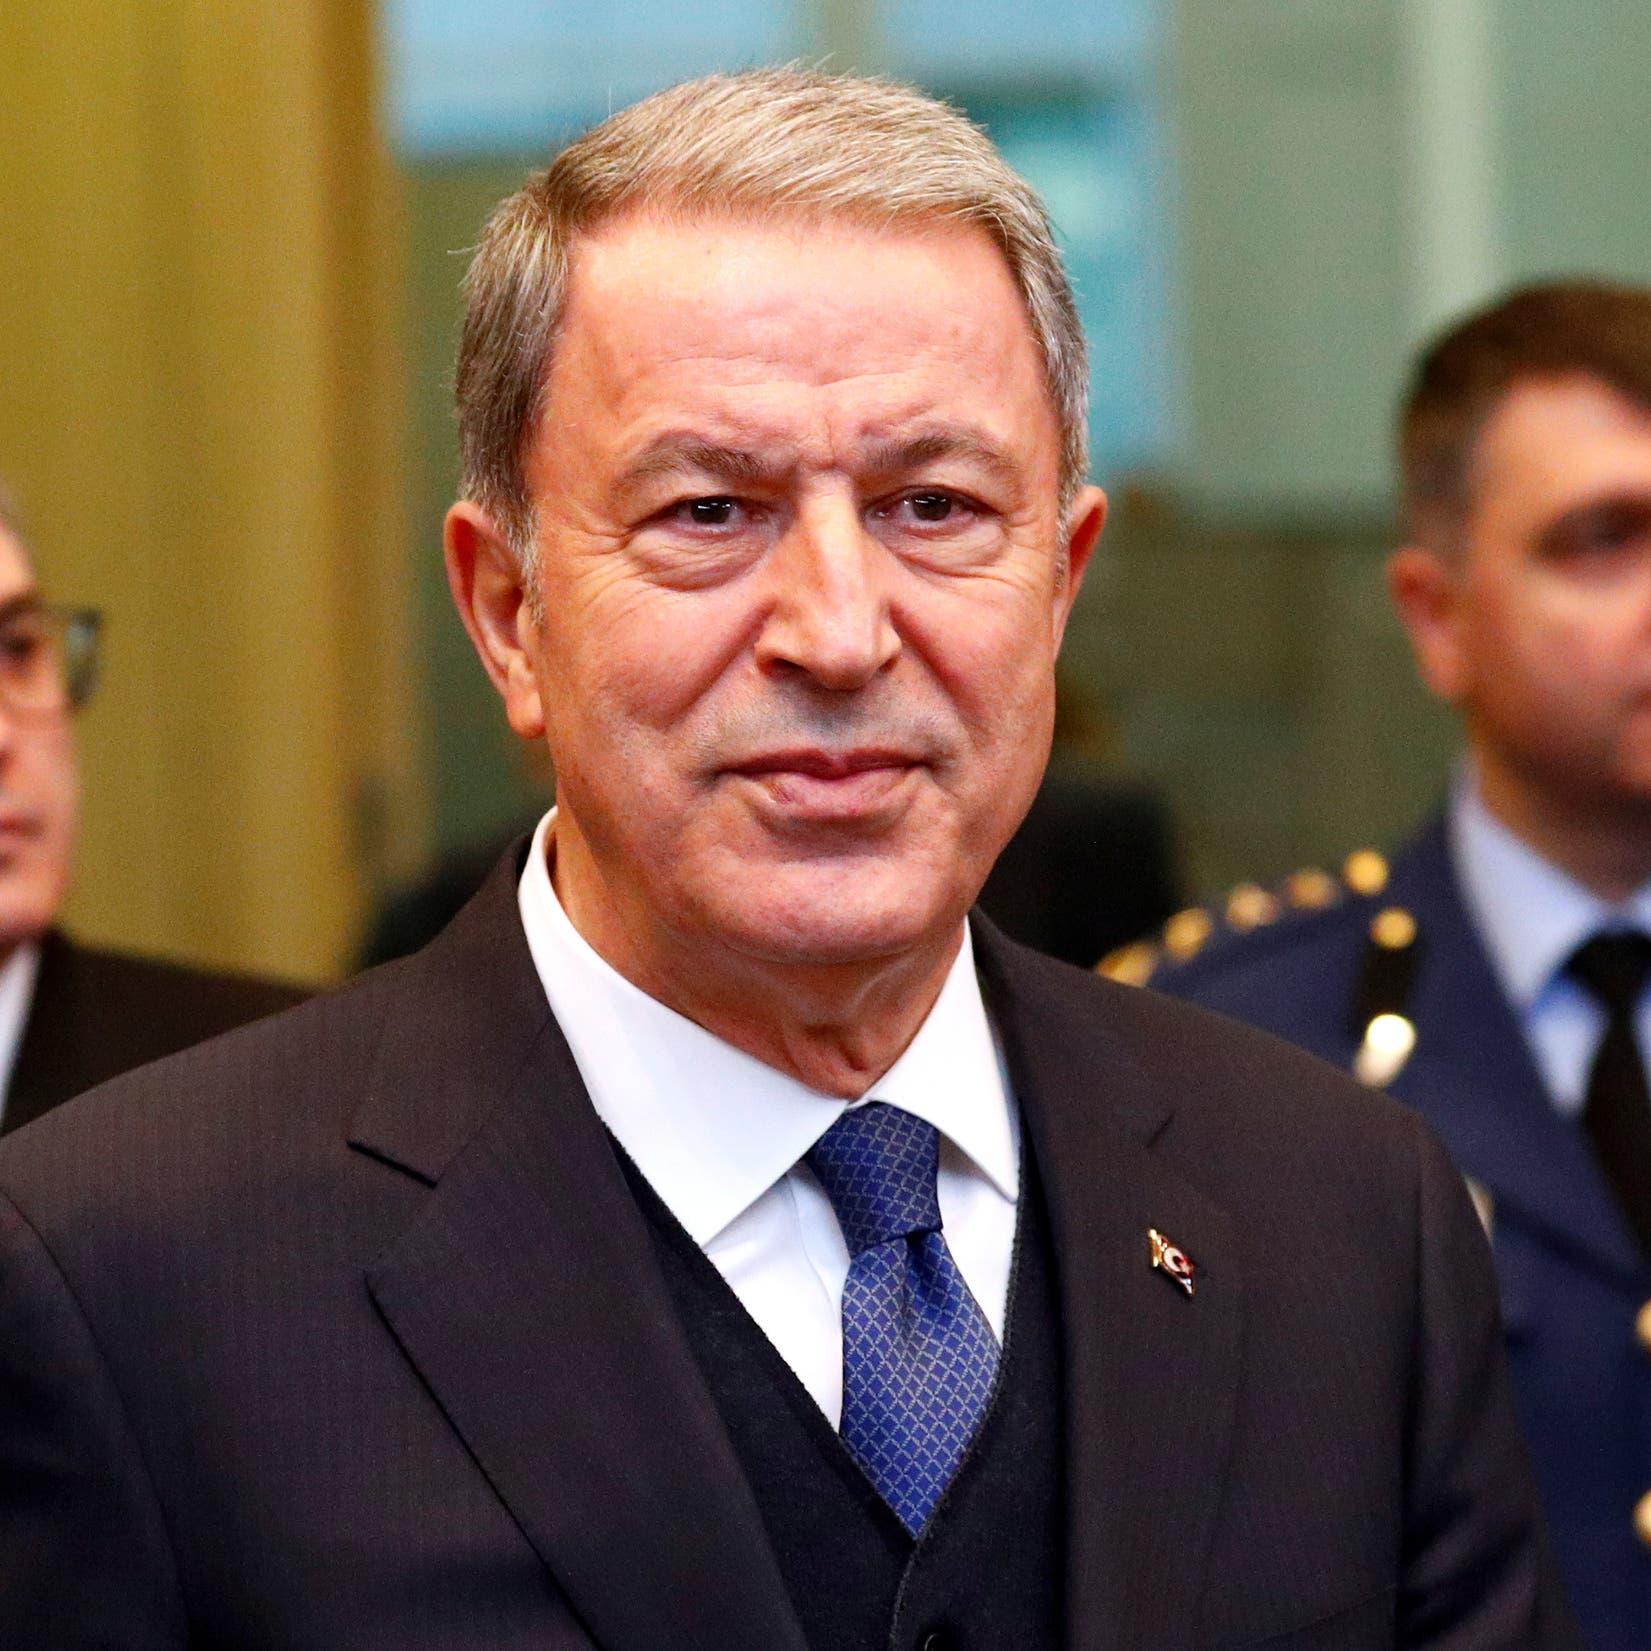 وزير دفاع تركيا: نعمل على إتمام إجلاء قواتنا من أفغانستان في أقرب وقت